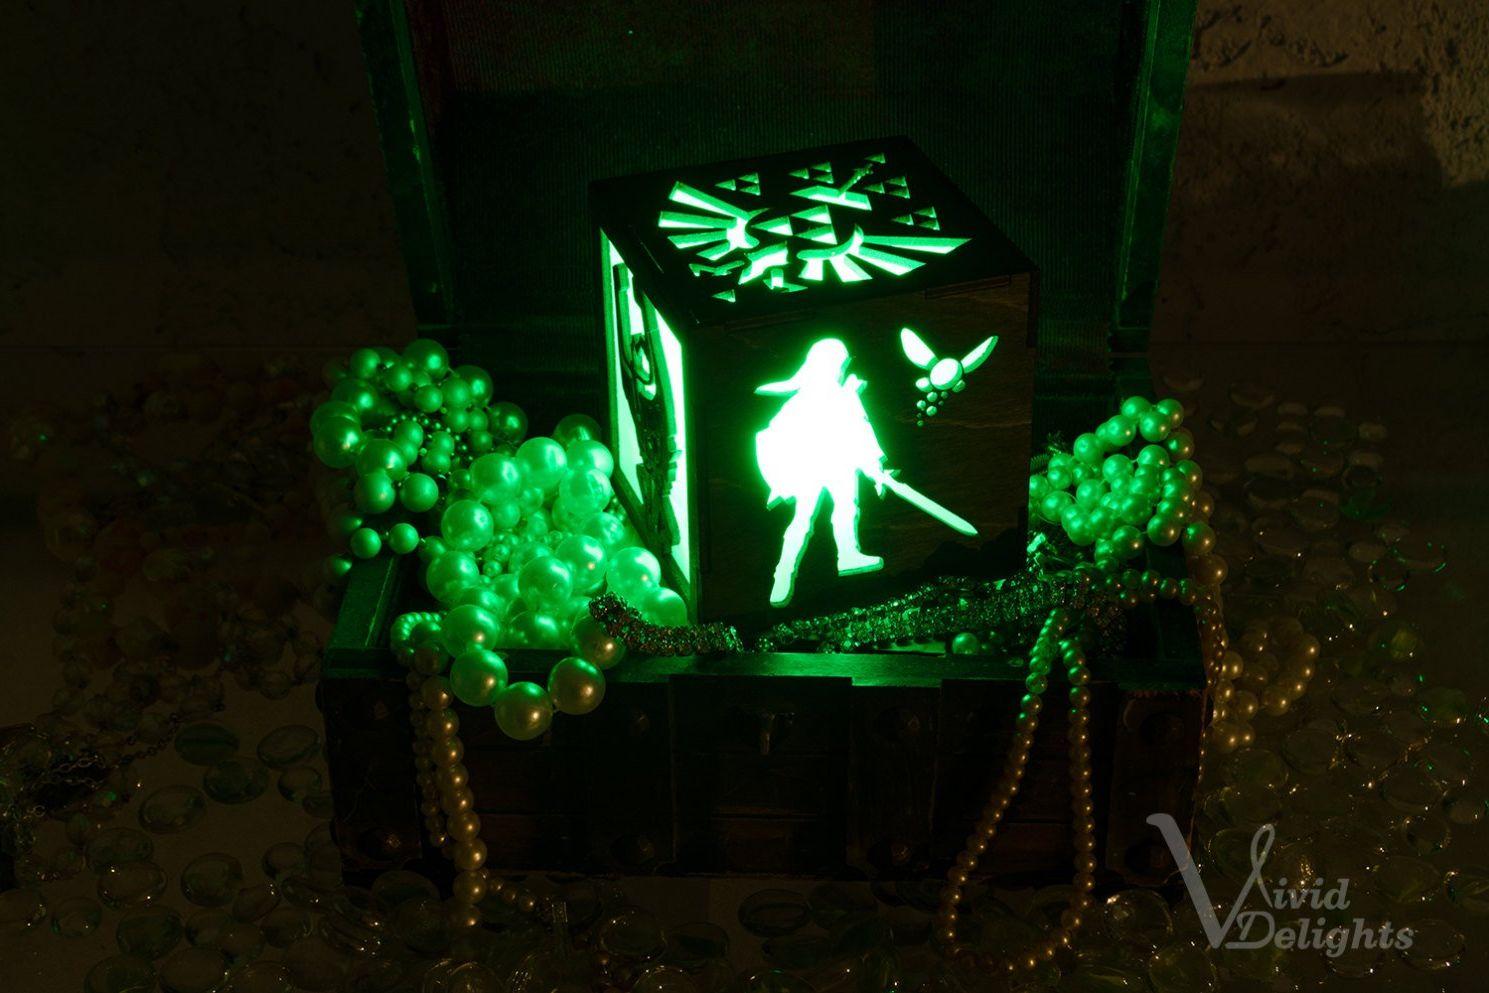 暗夜中拯救世界 玩家自制《塞尔达》超美夜灯